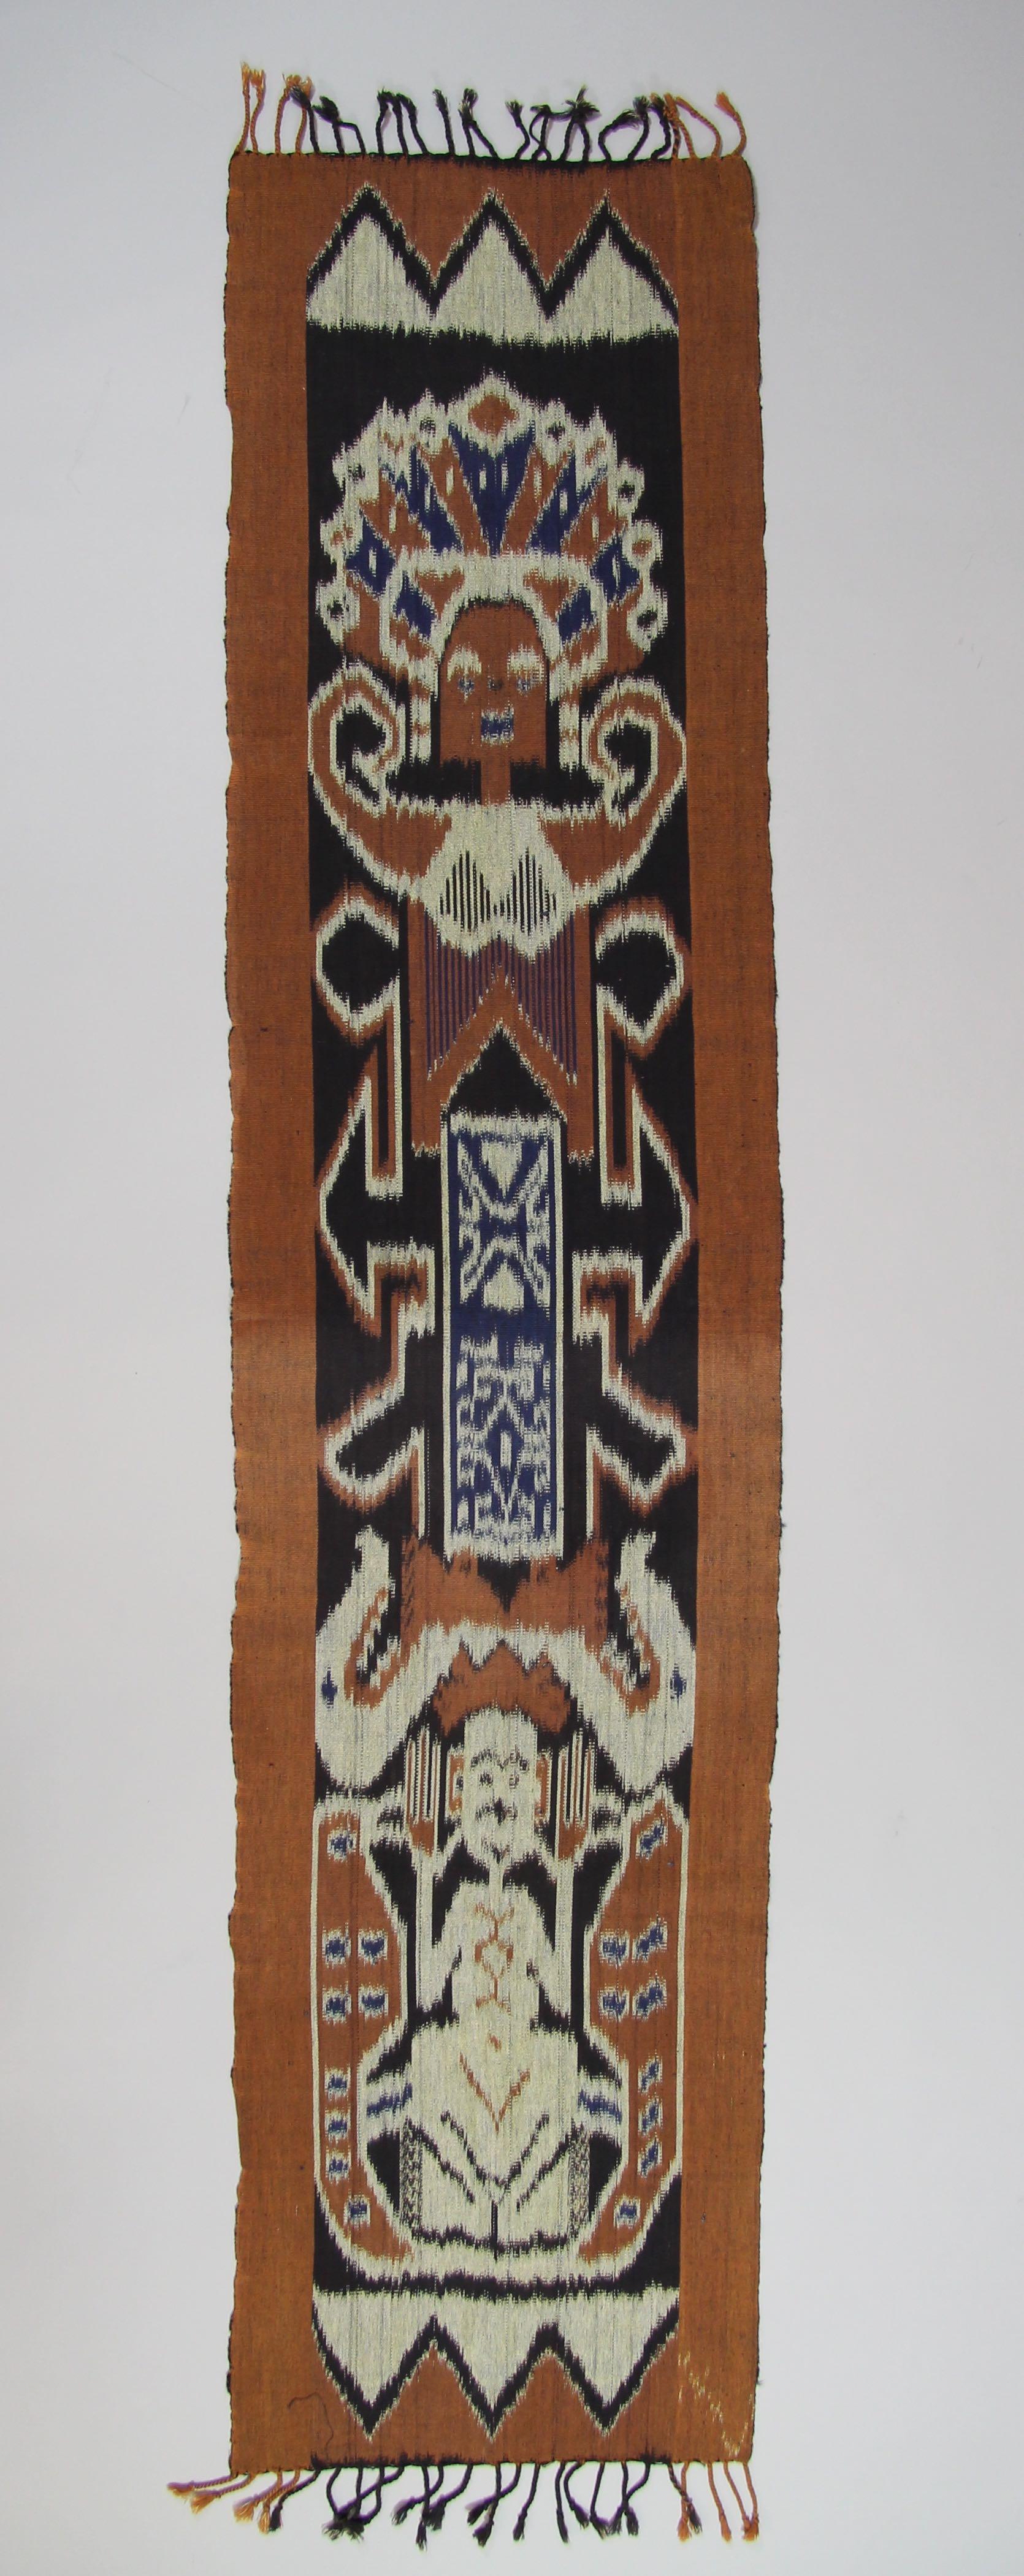 Ikat panel or sash